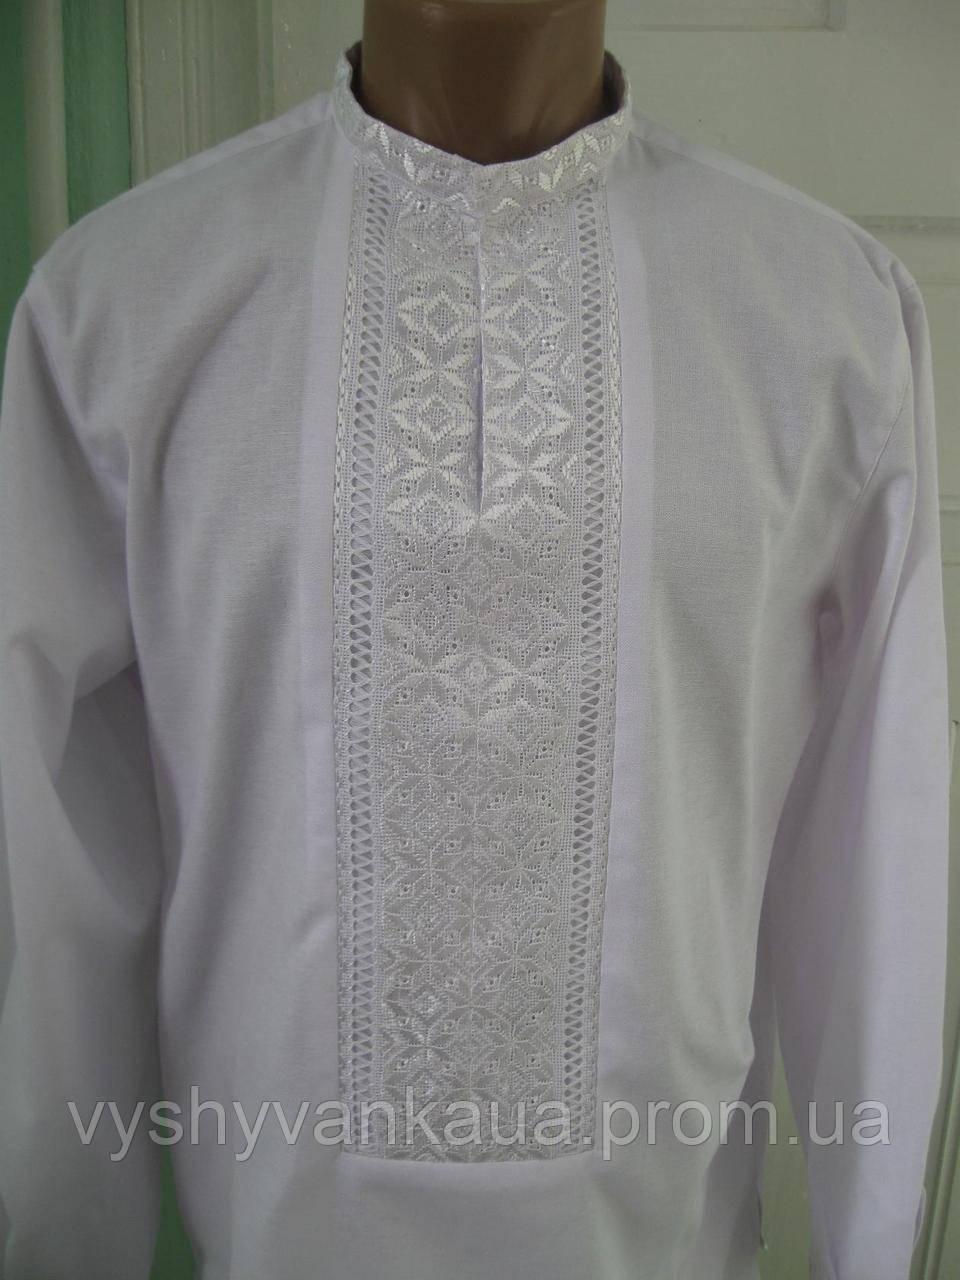 Чоловіча вишита сорочка біла 3d84345770be4